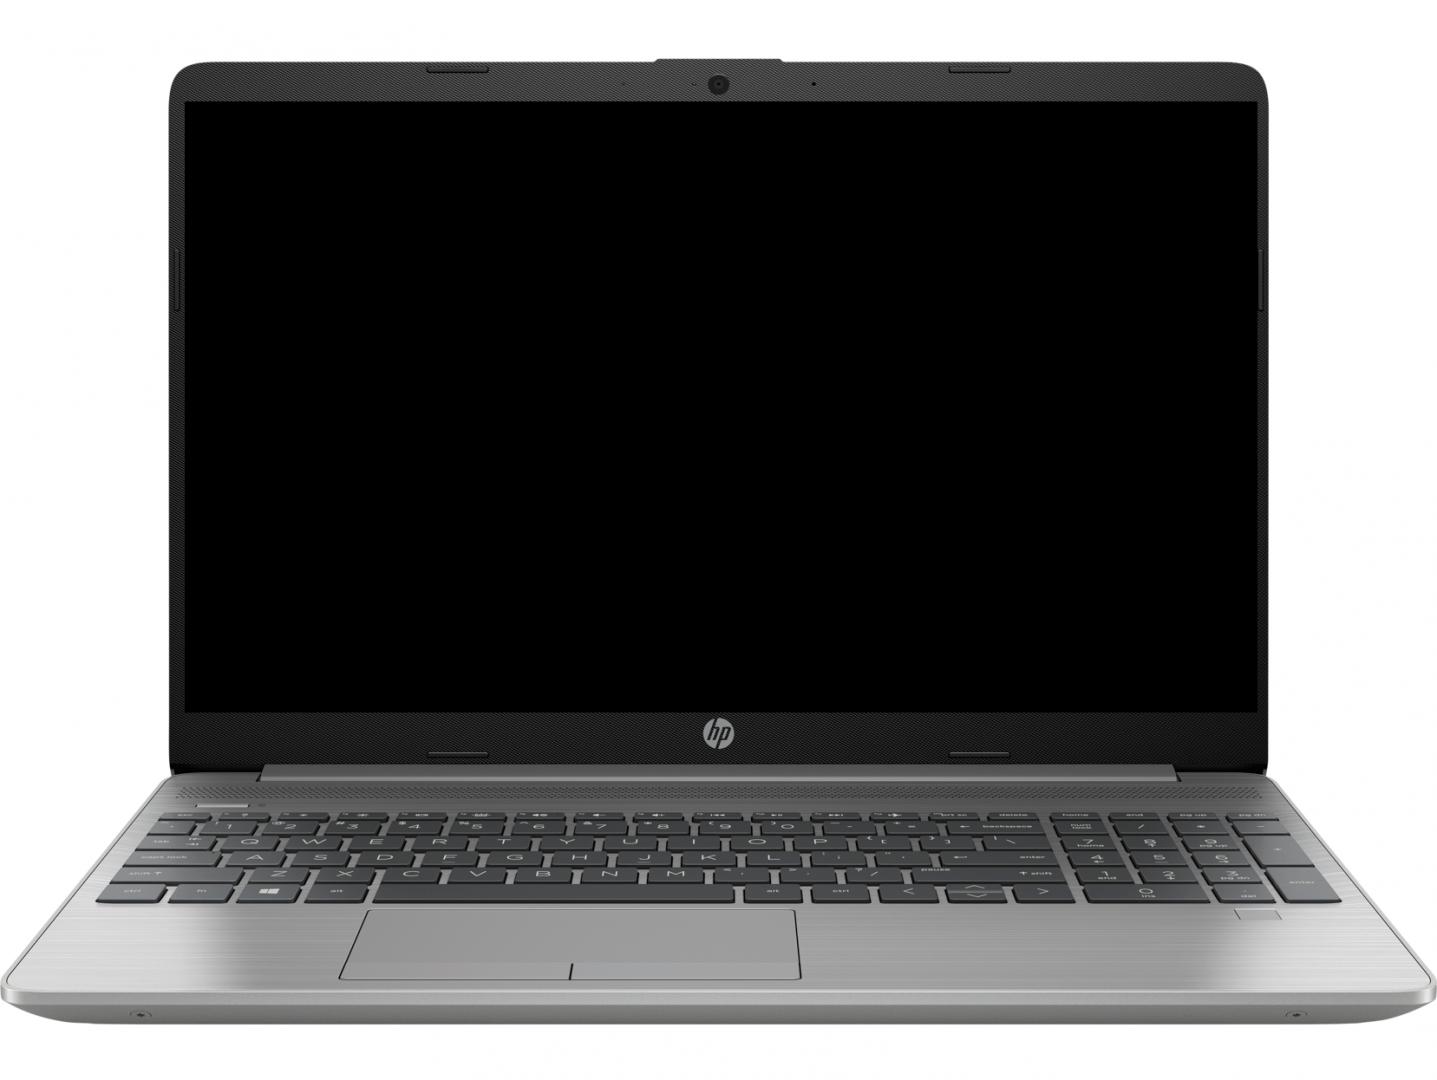 """NOTEBOOK HP 250G8 15.6"""" FHD i5-1035G1 8GB 256GB UMA DOS - imaginea 1"""